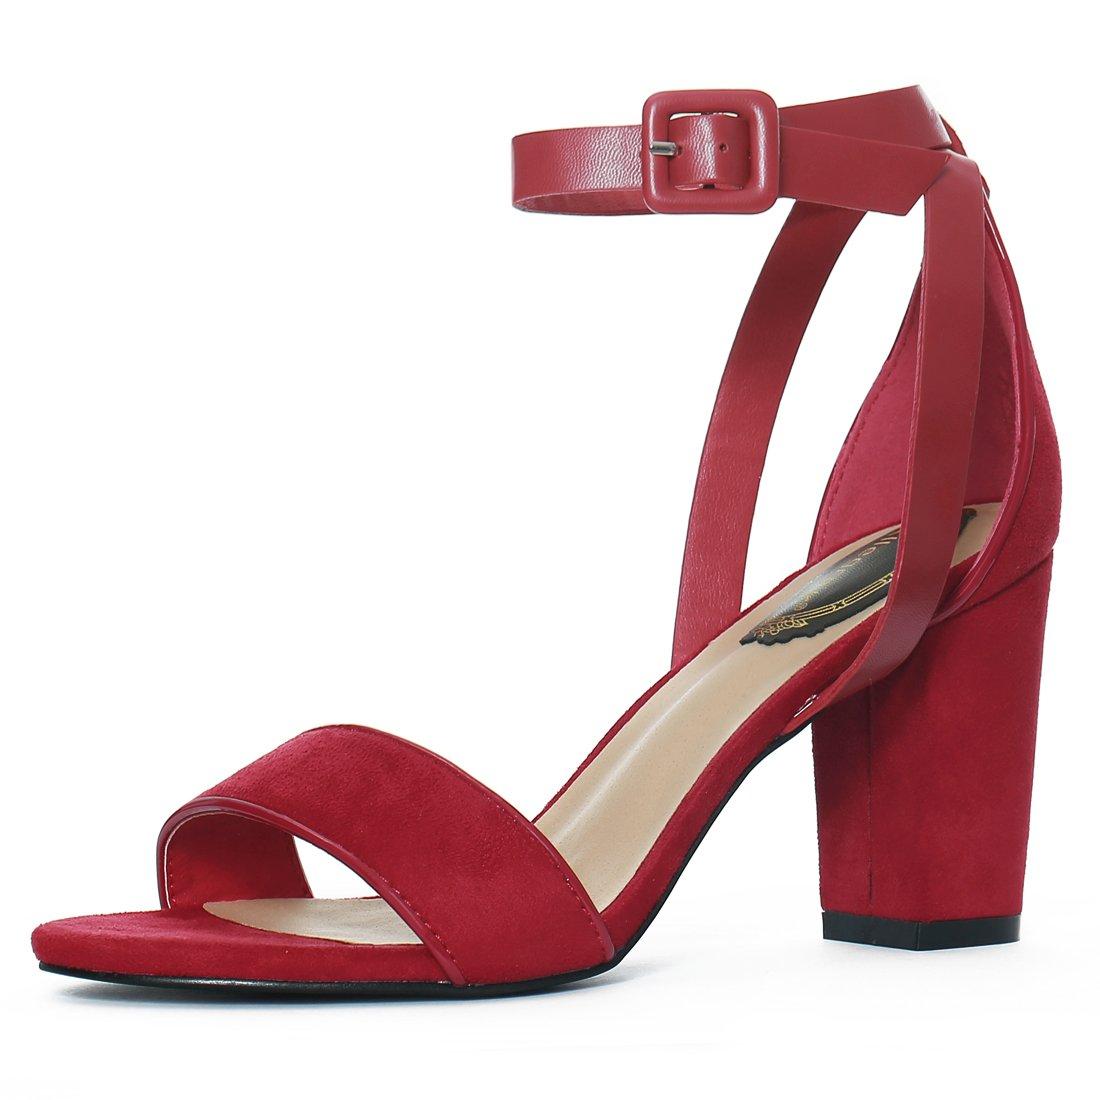 f69e1a206c73 Allegra K Women s PU Panel Chunky Heel Sandals g16080900ux0019 ...